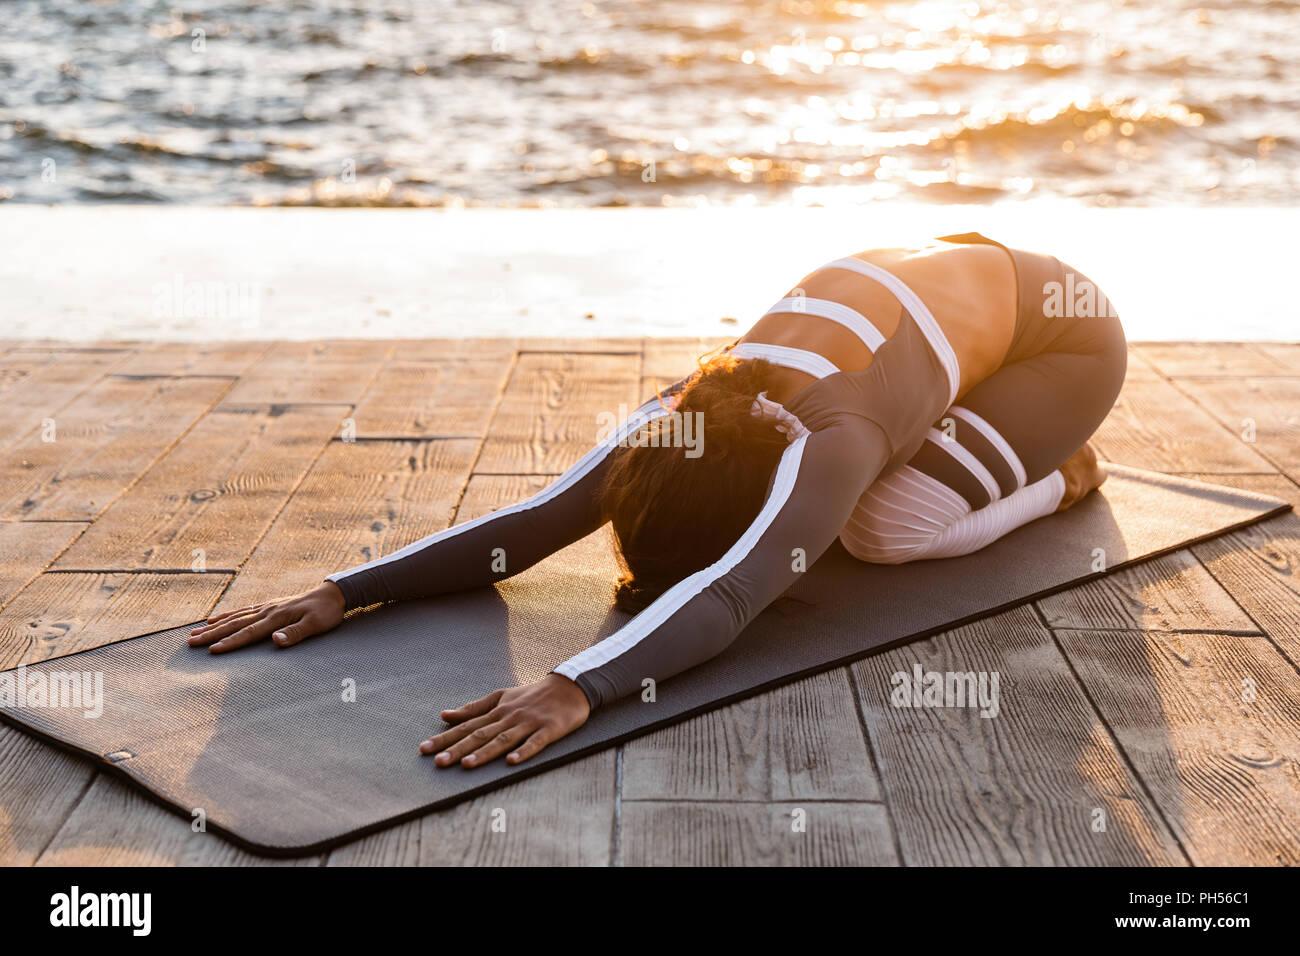 Imagen de joven mujer increíble fuerte gimnasio al aire libre en la playa, hacer yoga ejercicios de estiramiento. Imagen De Stock